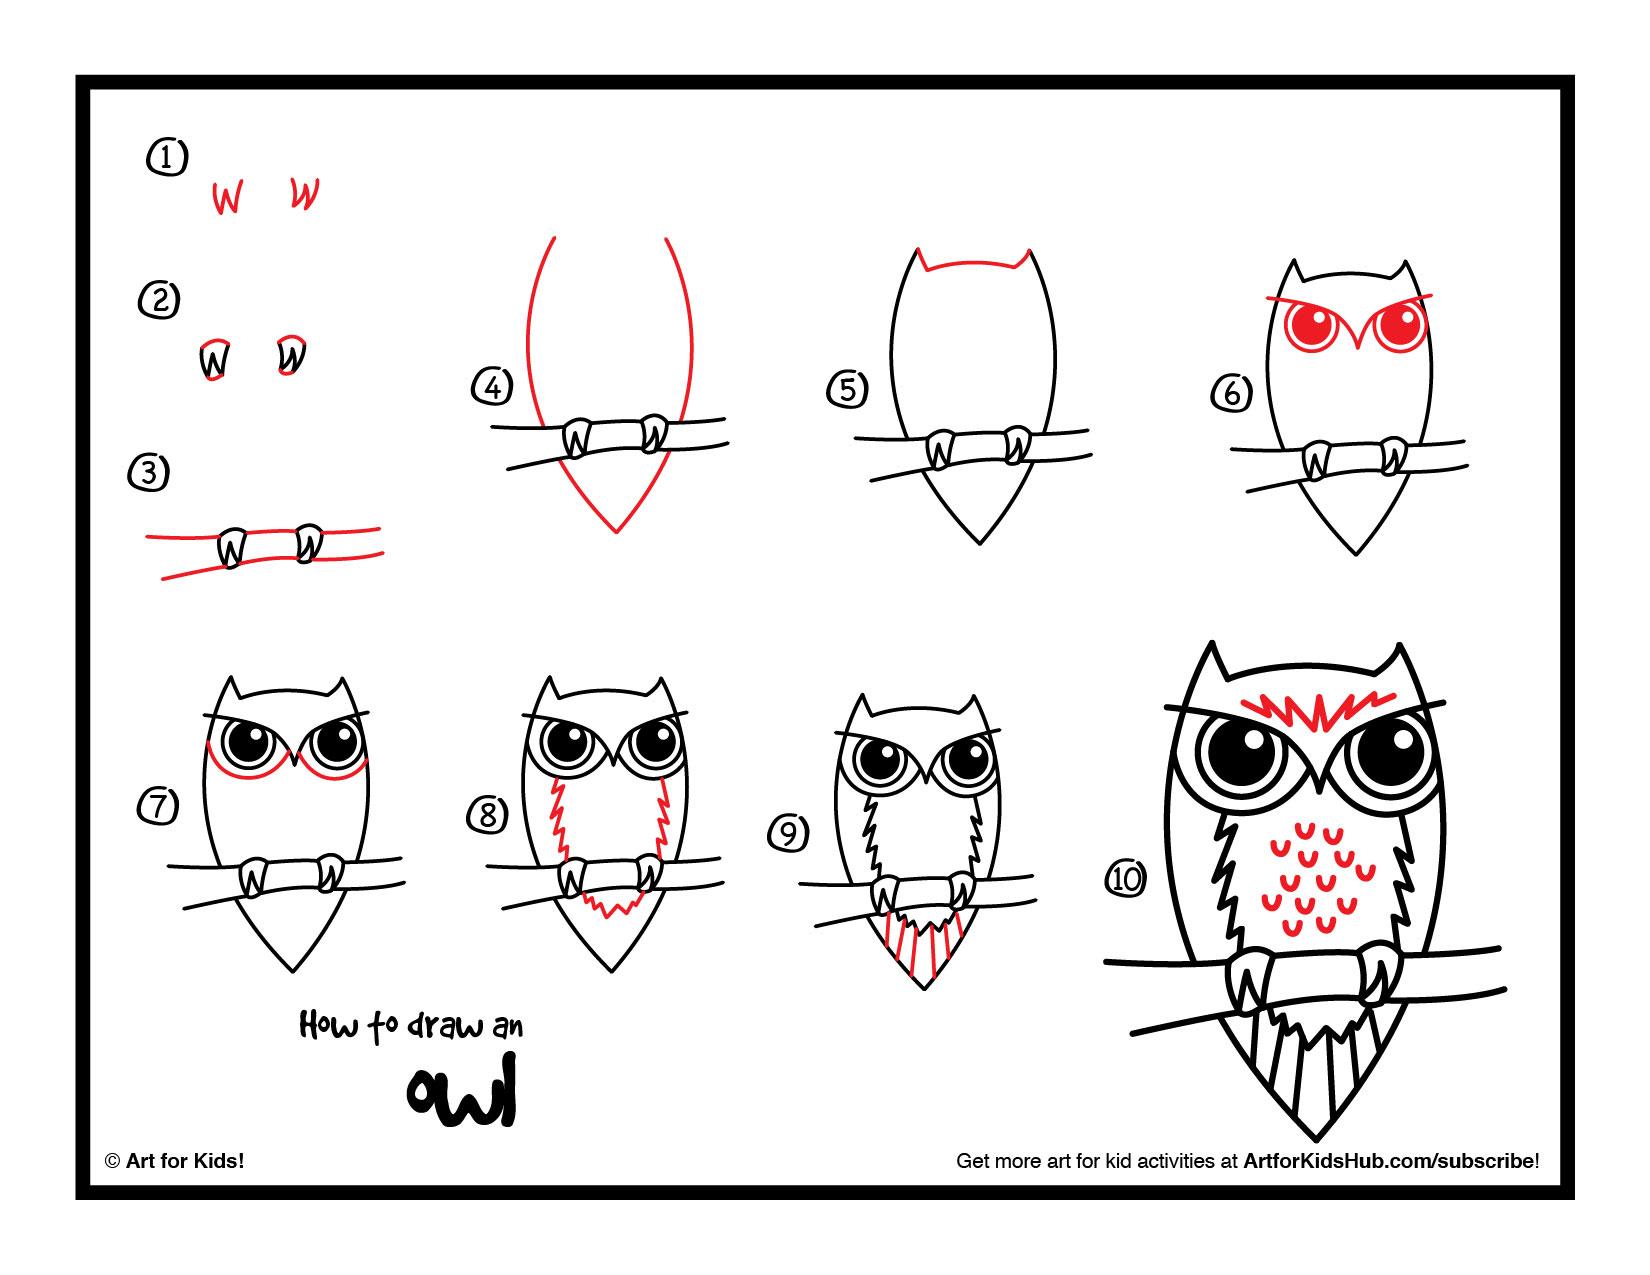 Drawn rabbit art for kid hub An Owl Draw Free An